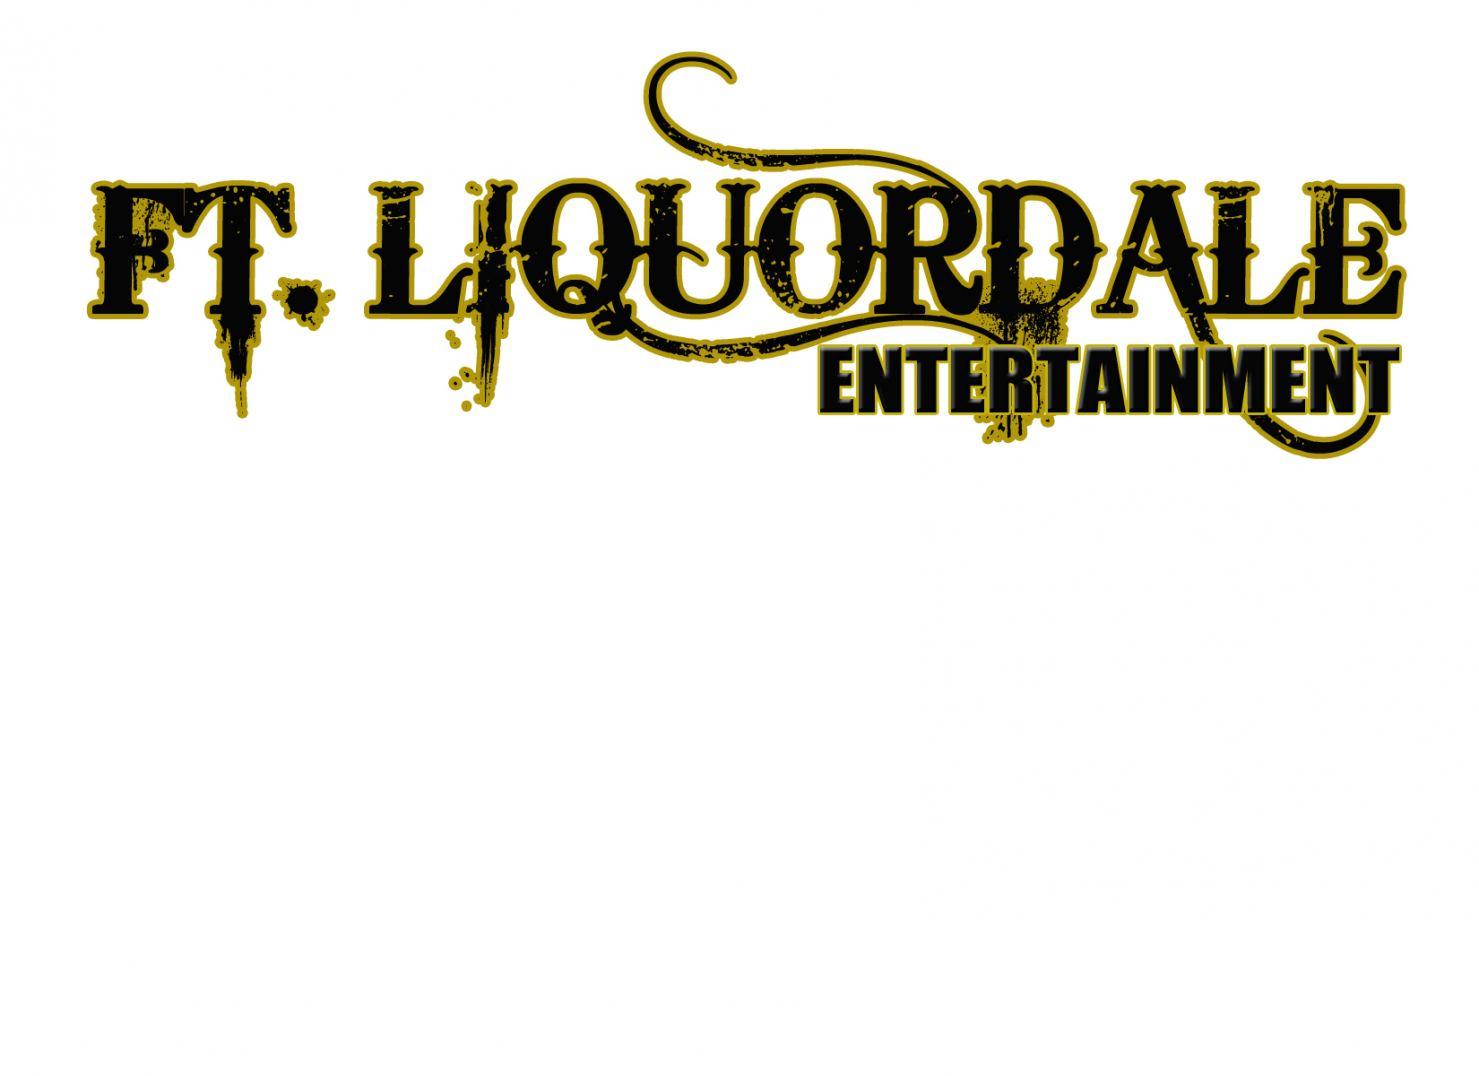 Ft Liquordale Entertainment Logo